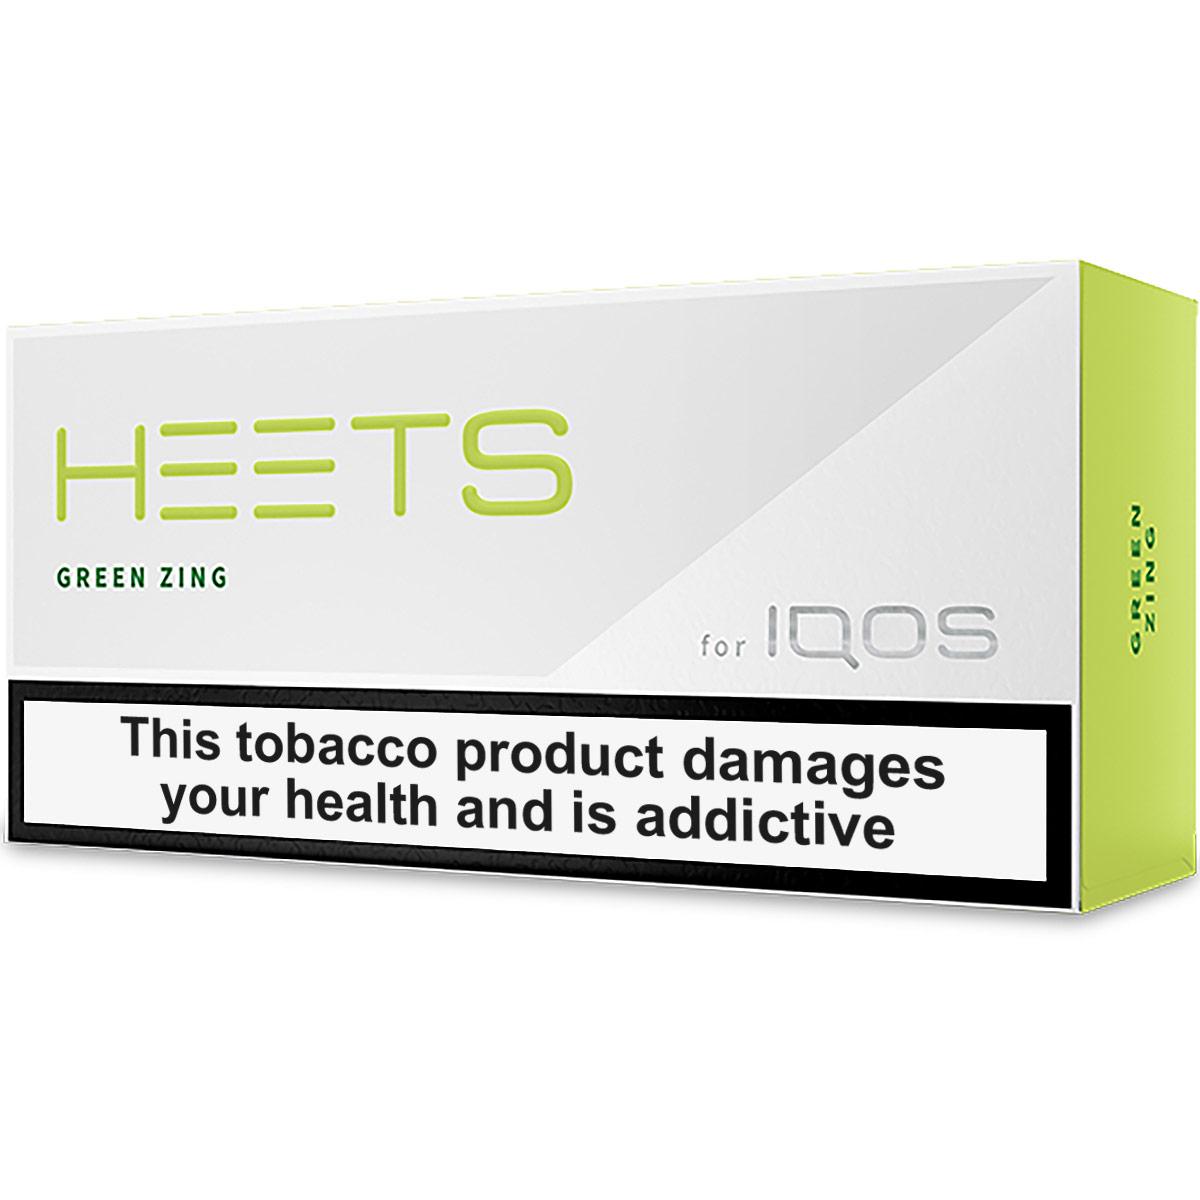 Heets - Green Zing